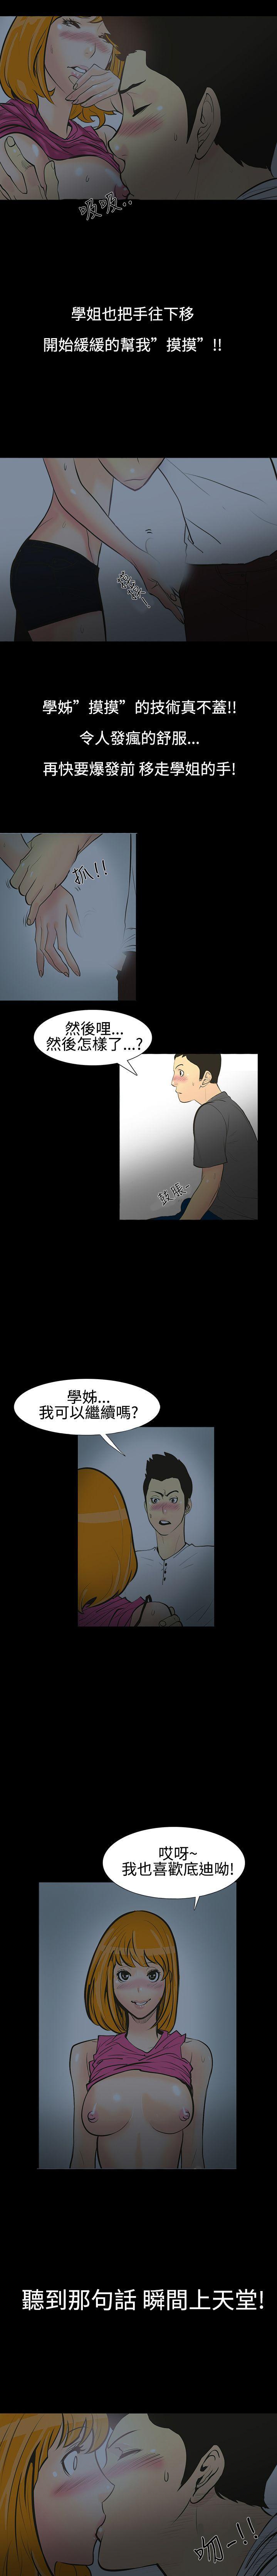 中文韩漫 無法停止的甜蜜關係 Ch.0-12 4